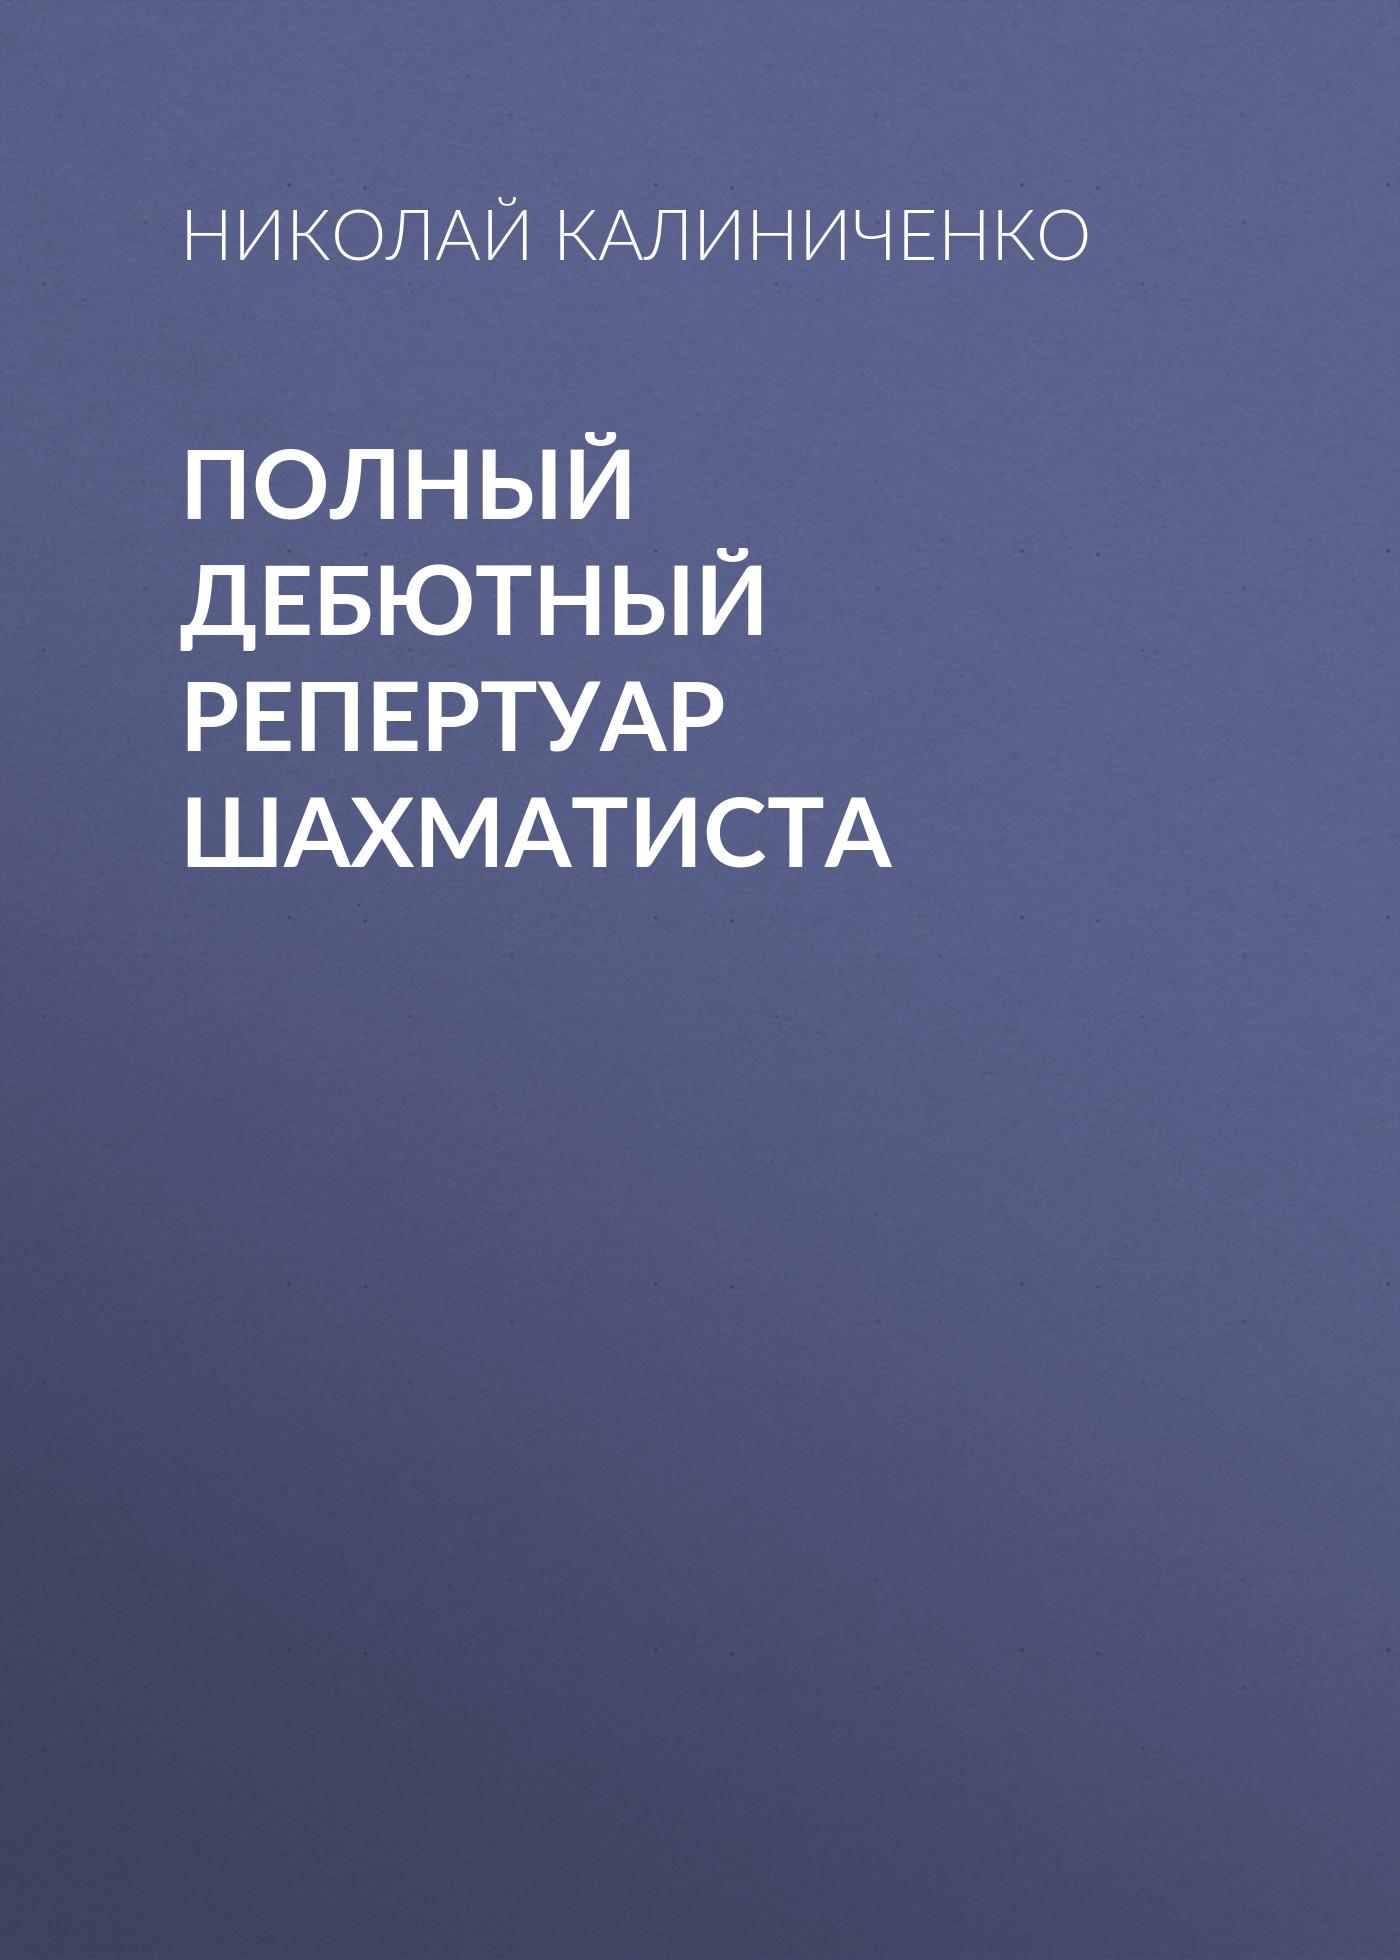 Николай Калиниченко Полный дебютный репертуар шахматиста свешников е свешников в дебютный репертуар для блица том 2 репертуар за белых